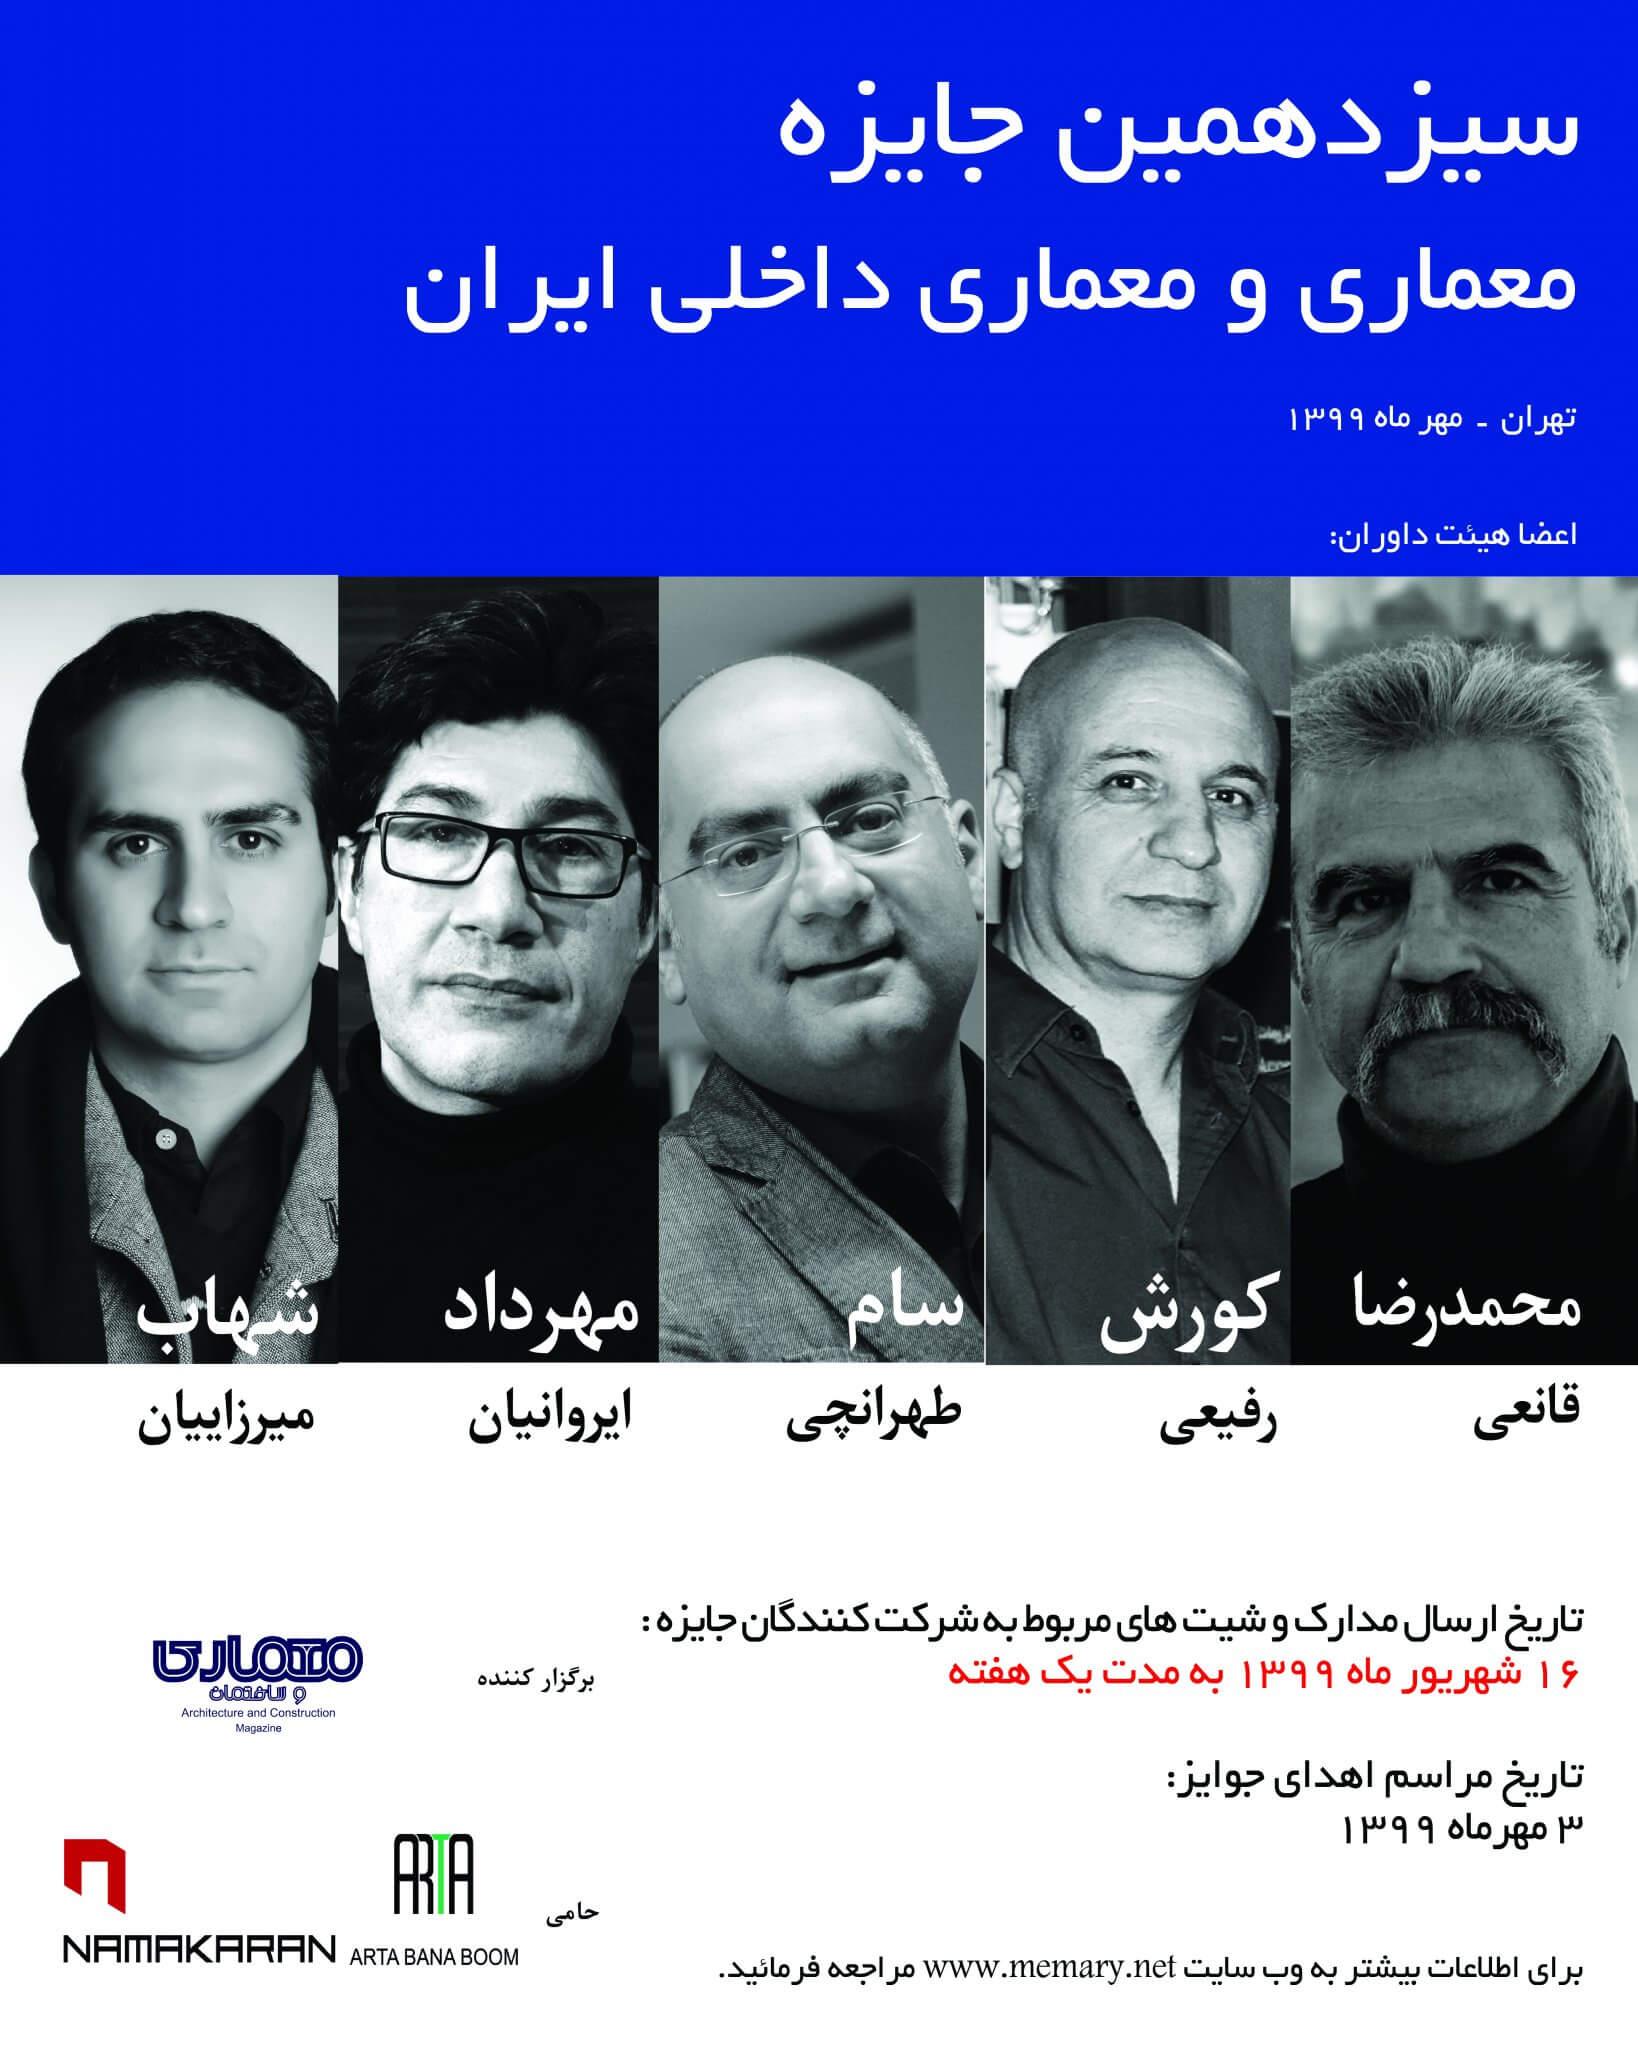 فراخوان سیزدهمین جایزه معماری و معماری داخلی ایران